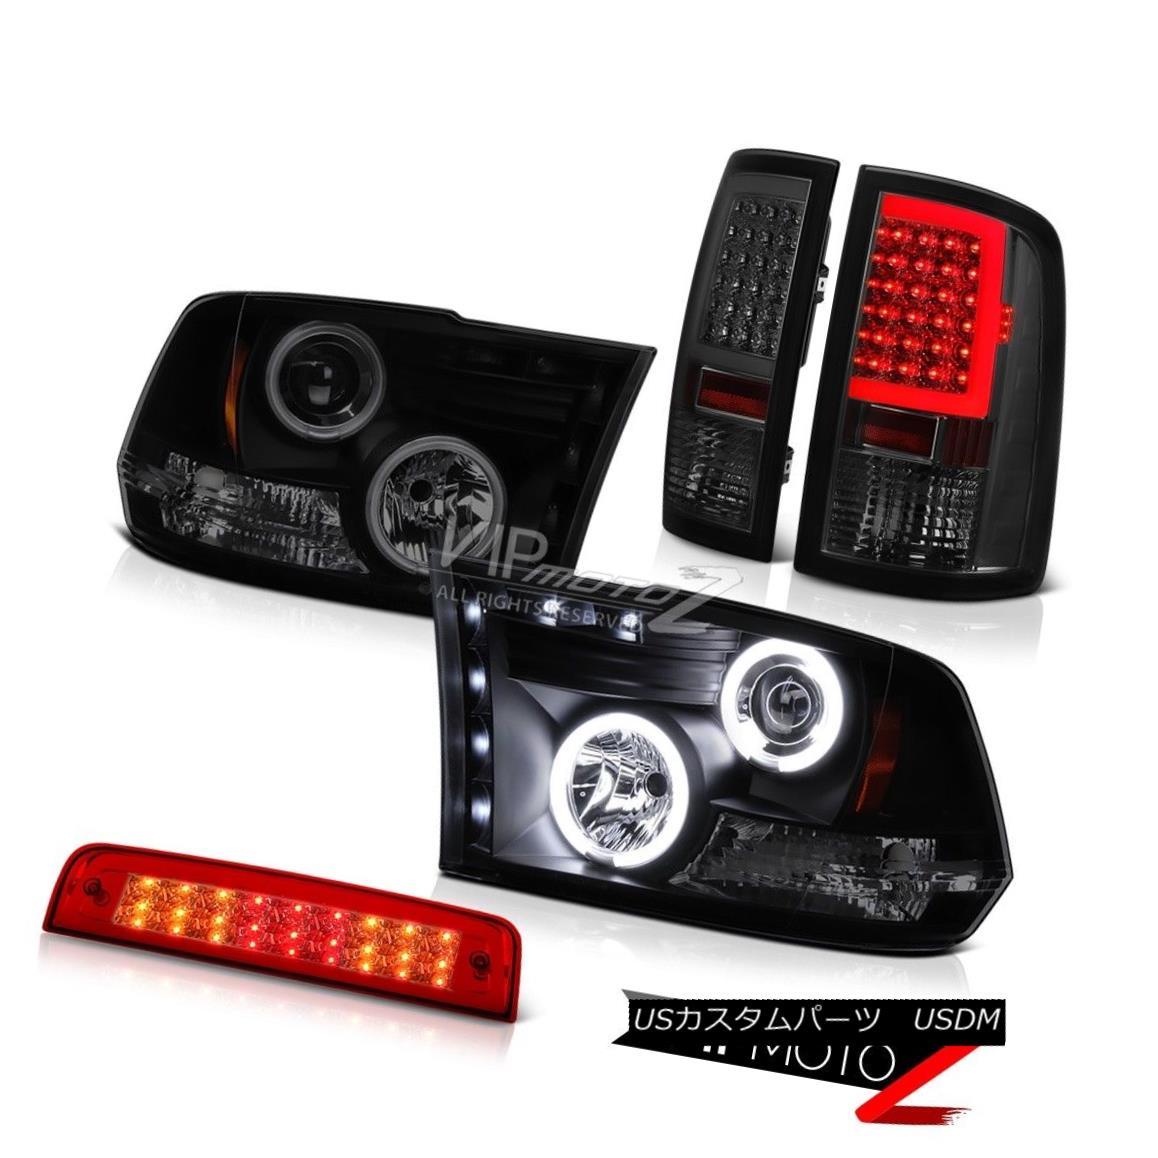 テールライト 09 10 11 12 13-18 Dodge RAM 2500 3500 Smokey Tail Light Brake Head Lamps PAIR 09 10 11 12 13-18ダッジRAM 2500 3500スモーキーテールライトブレーキヘッドランプペア